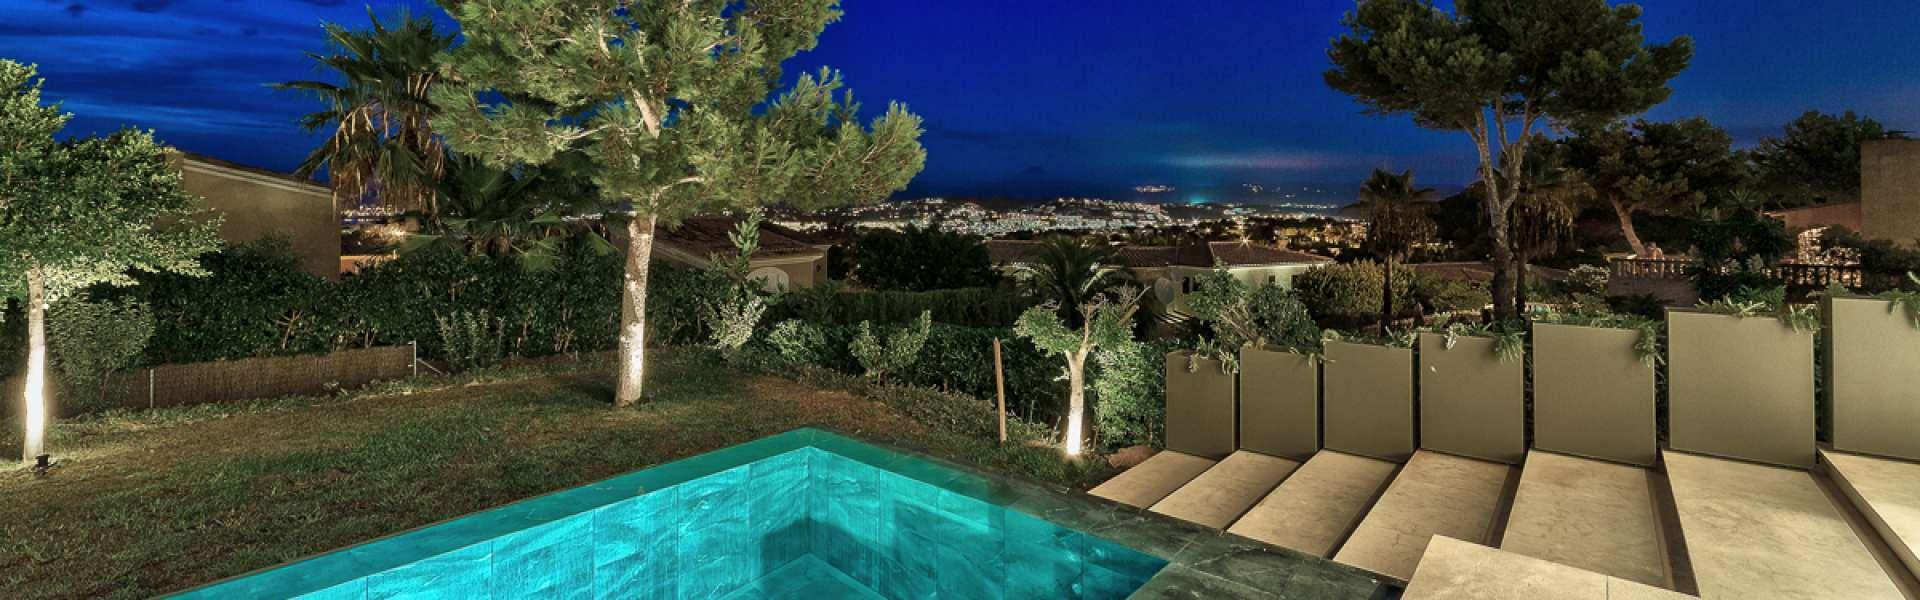 Außergewöhnliche Villa mit Meer- und Bergblick - Santa Ponsa